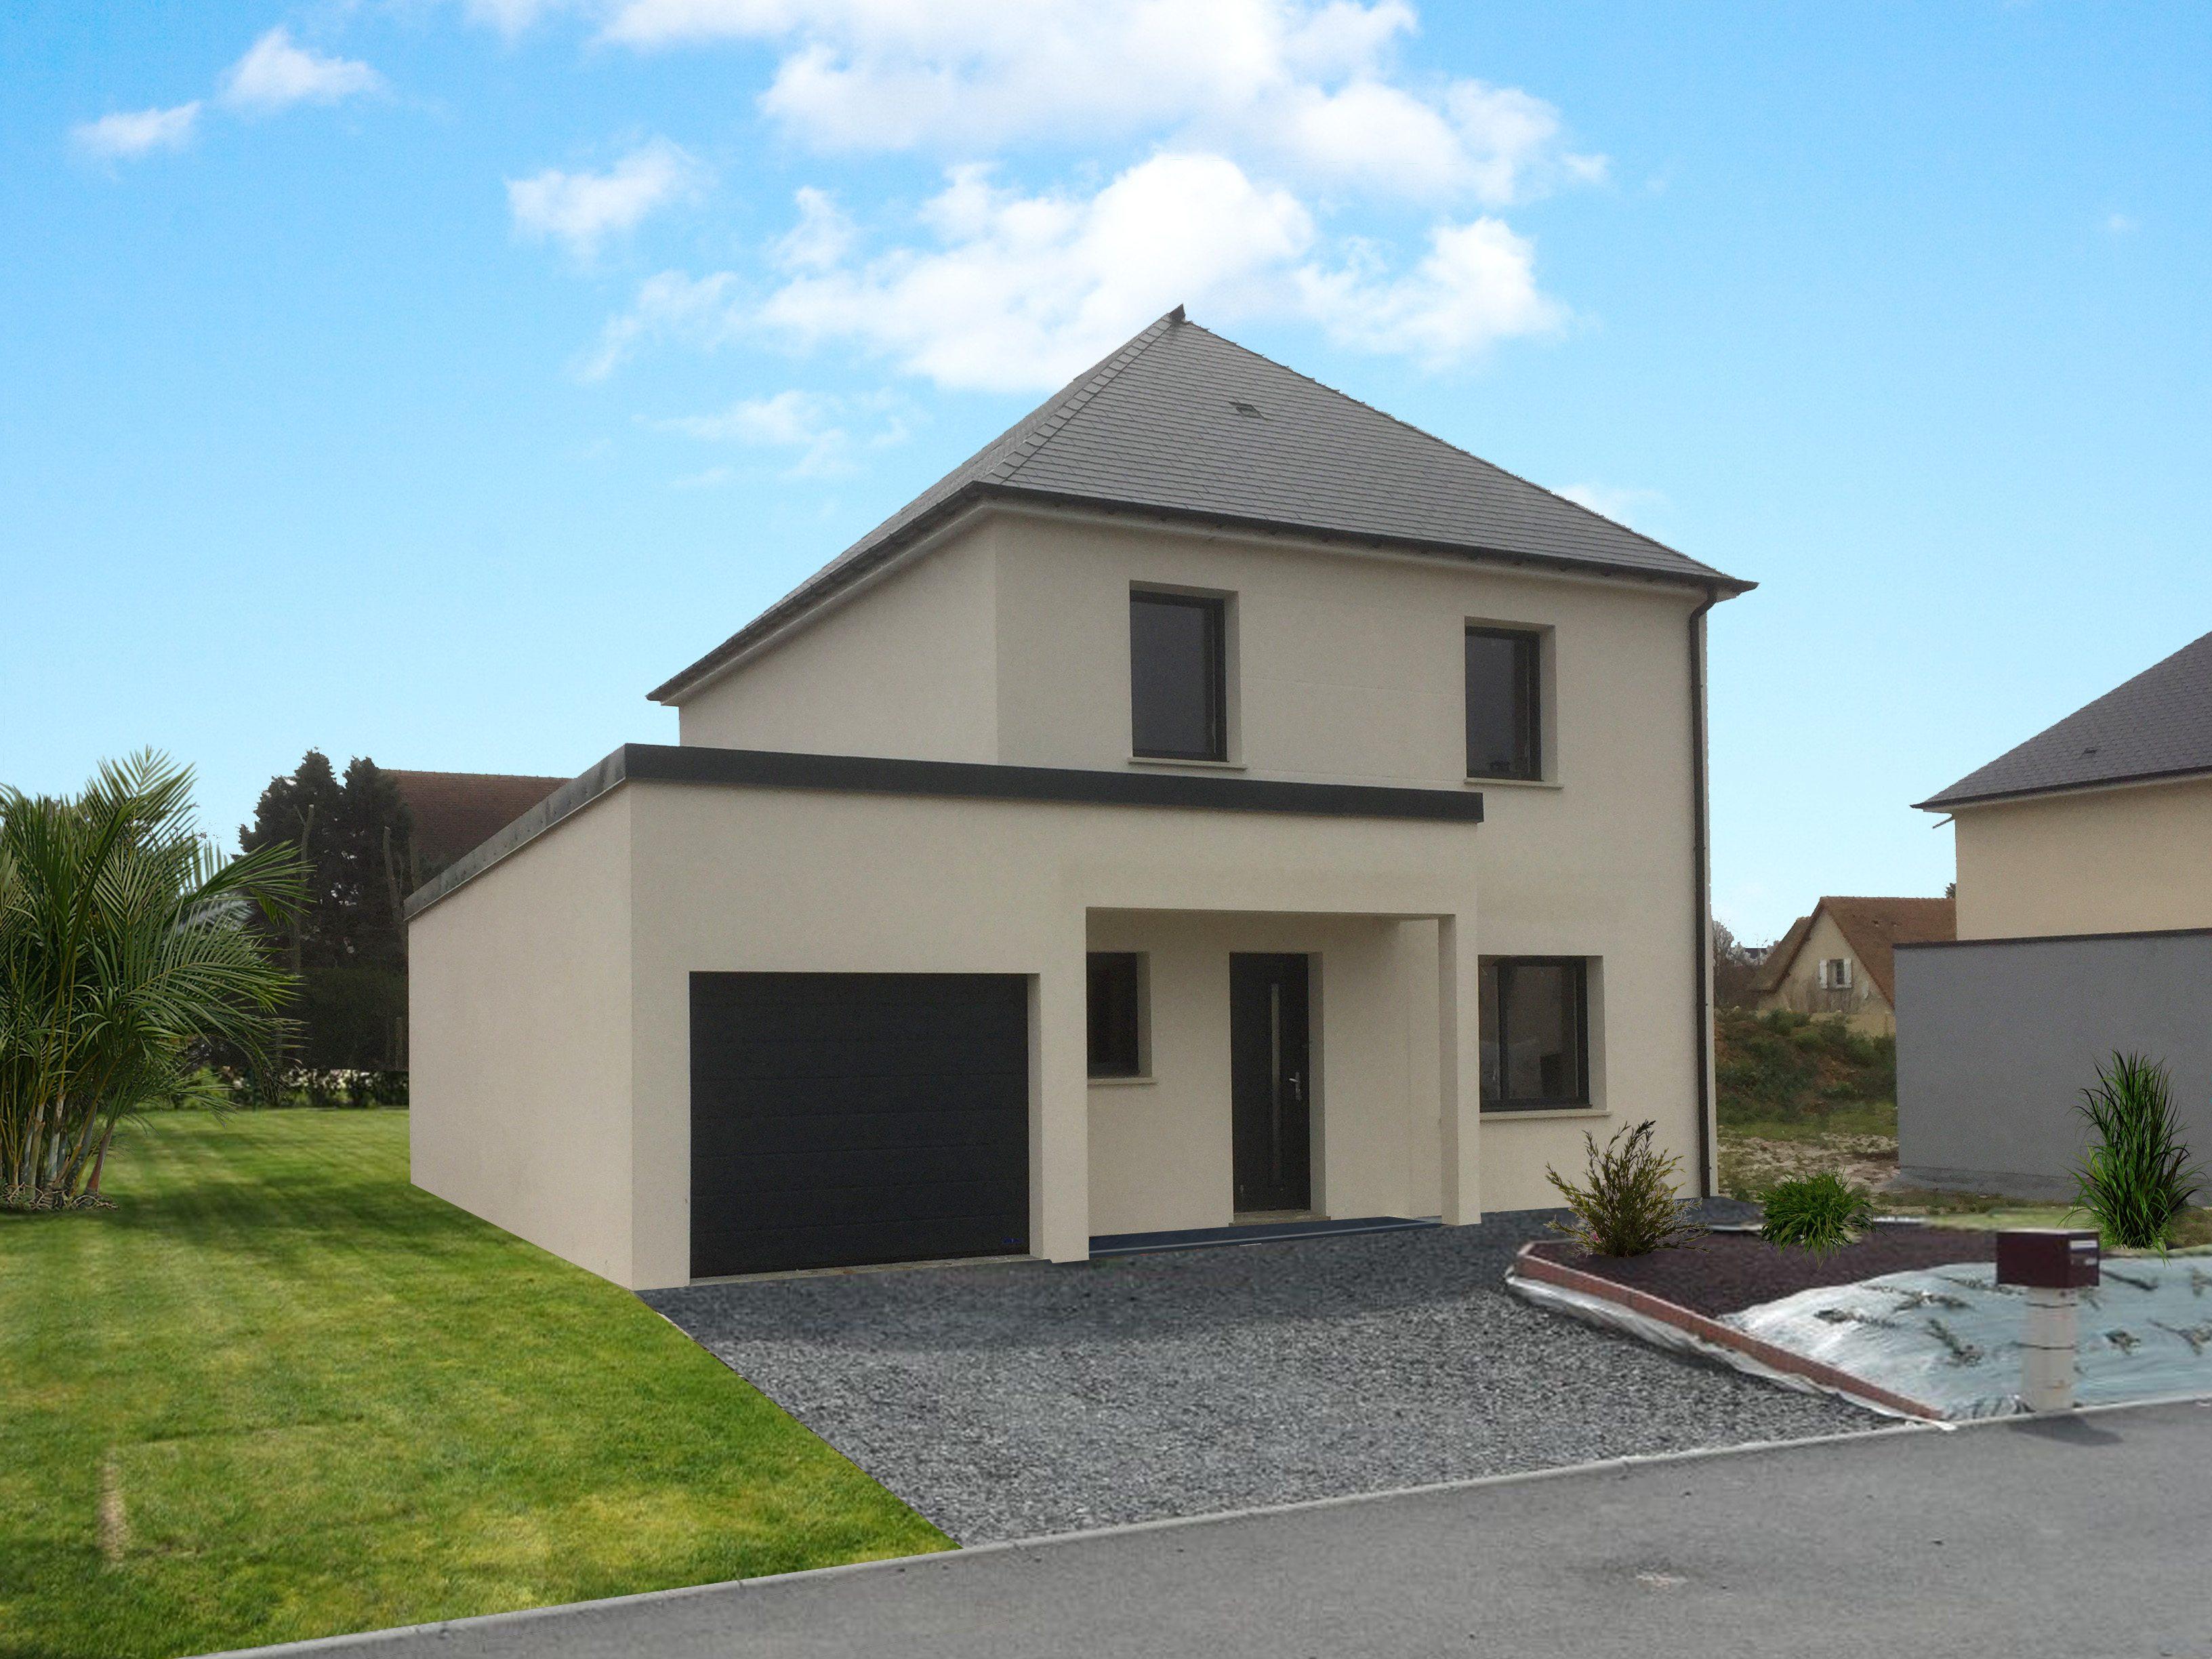 Maisons + Terrains du constructeur MAISON FAMILIALE RENNES • 108 m² • ERCE EN LAMEE